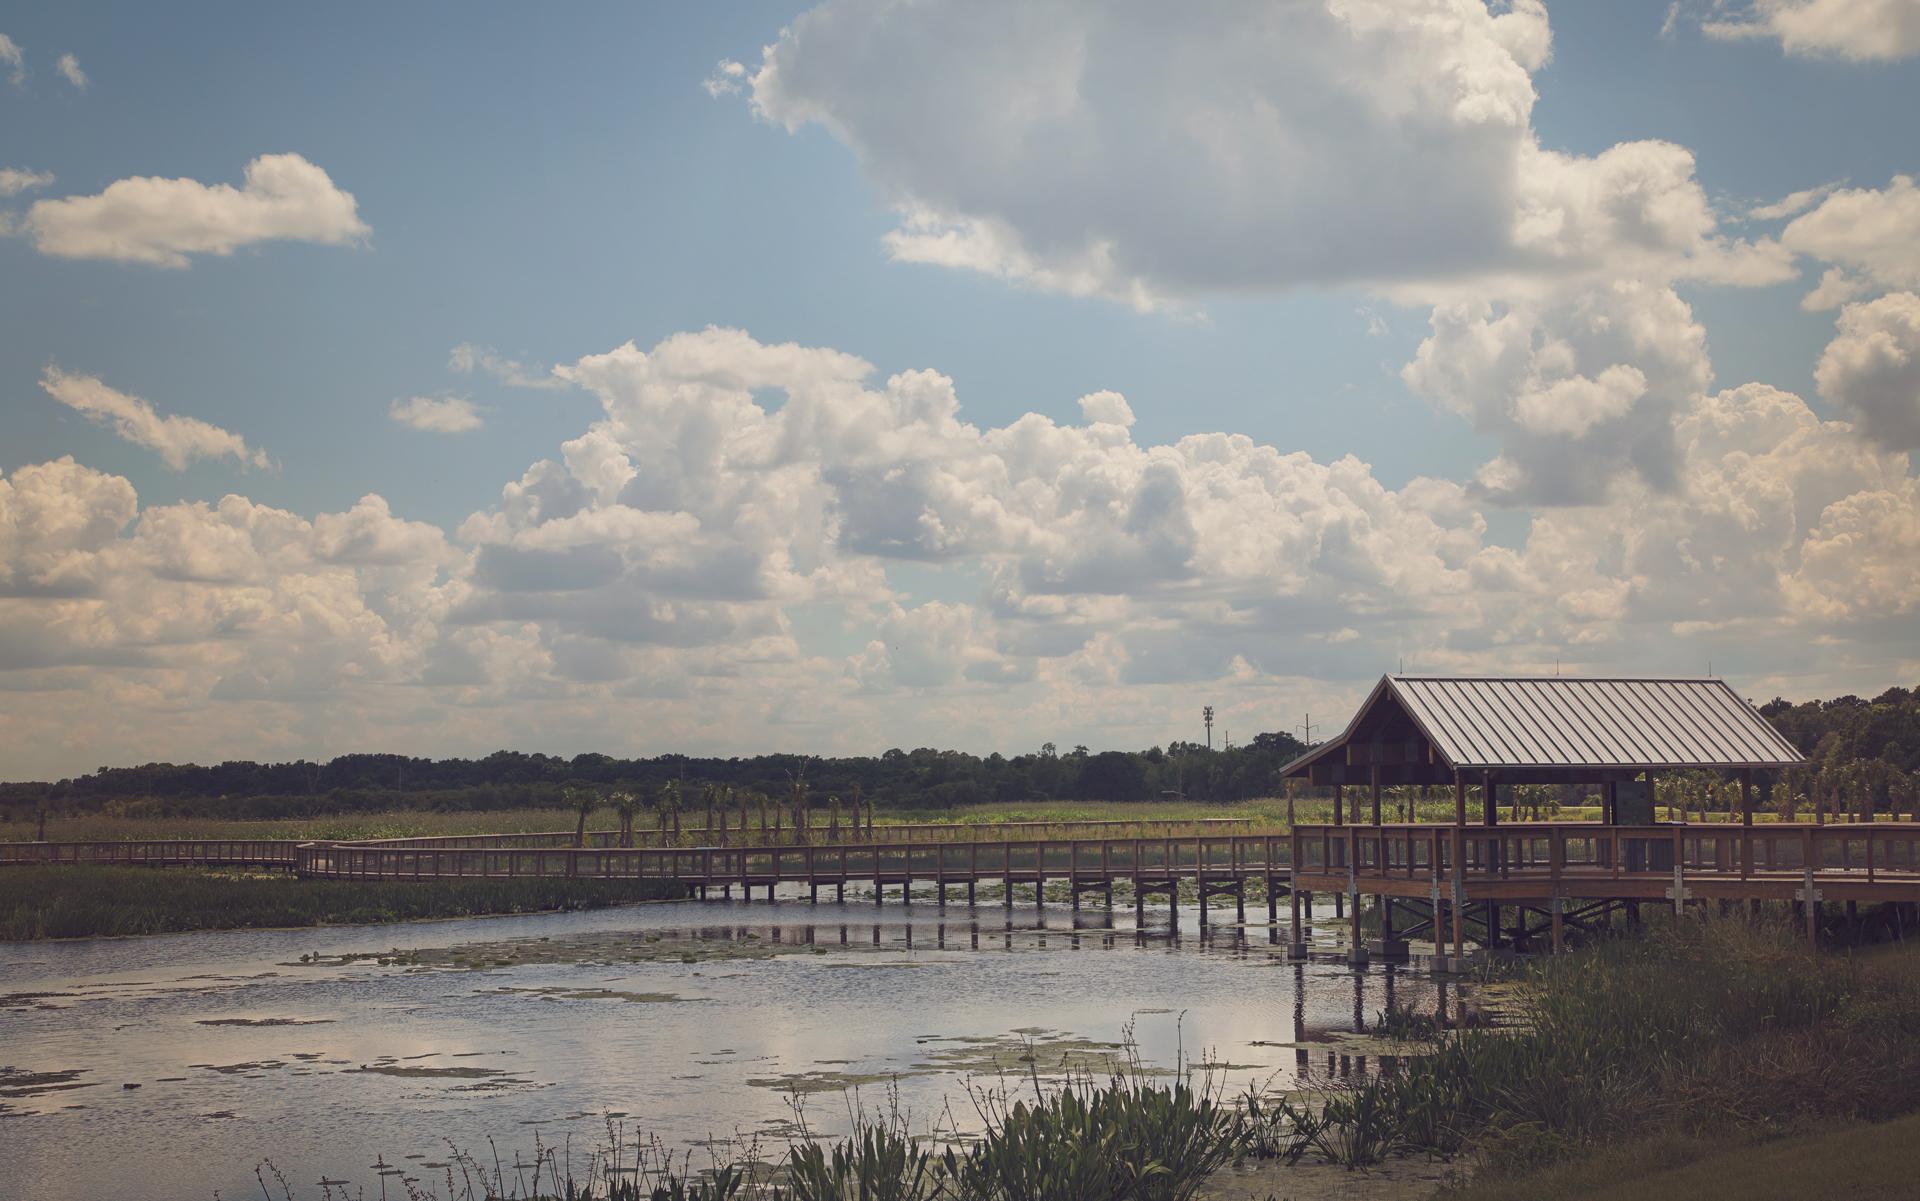 sweetwater-branch-sheet-flow-gainesville-paynes-prairie-patrick-sanders-14.jpg